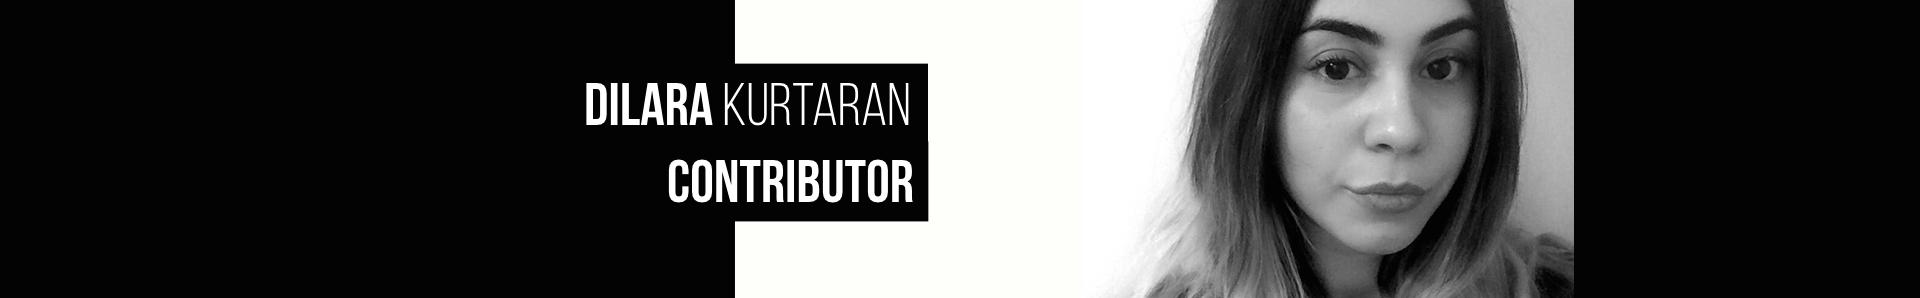 Dilara Kurtaran Author Page Image